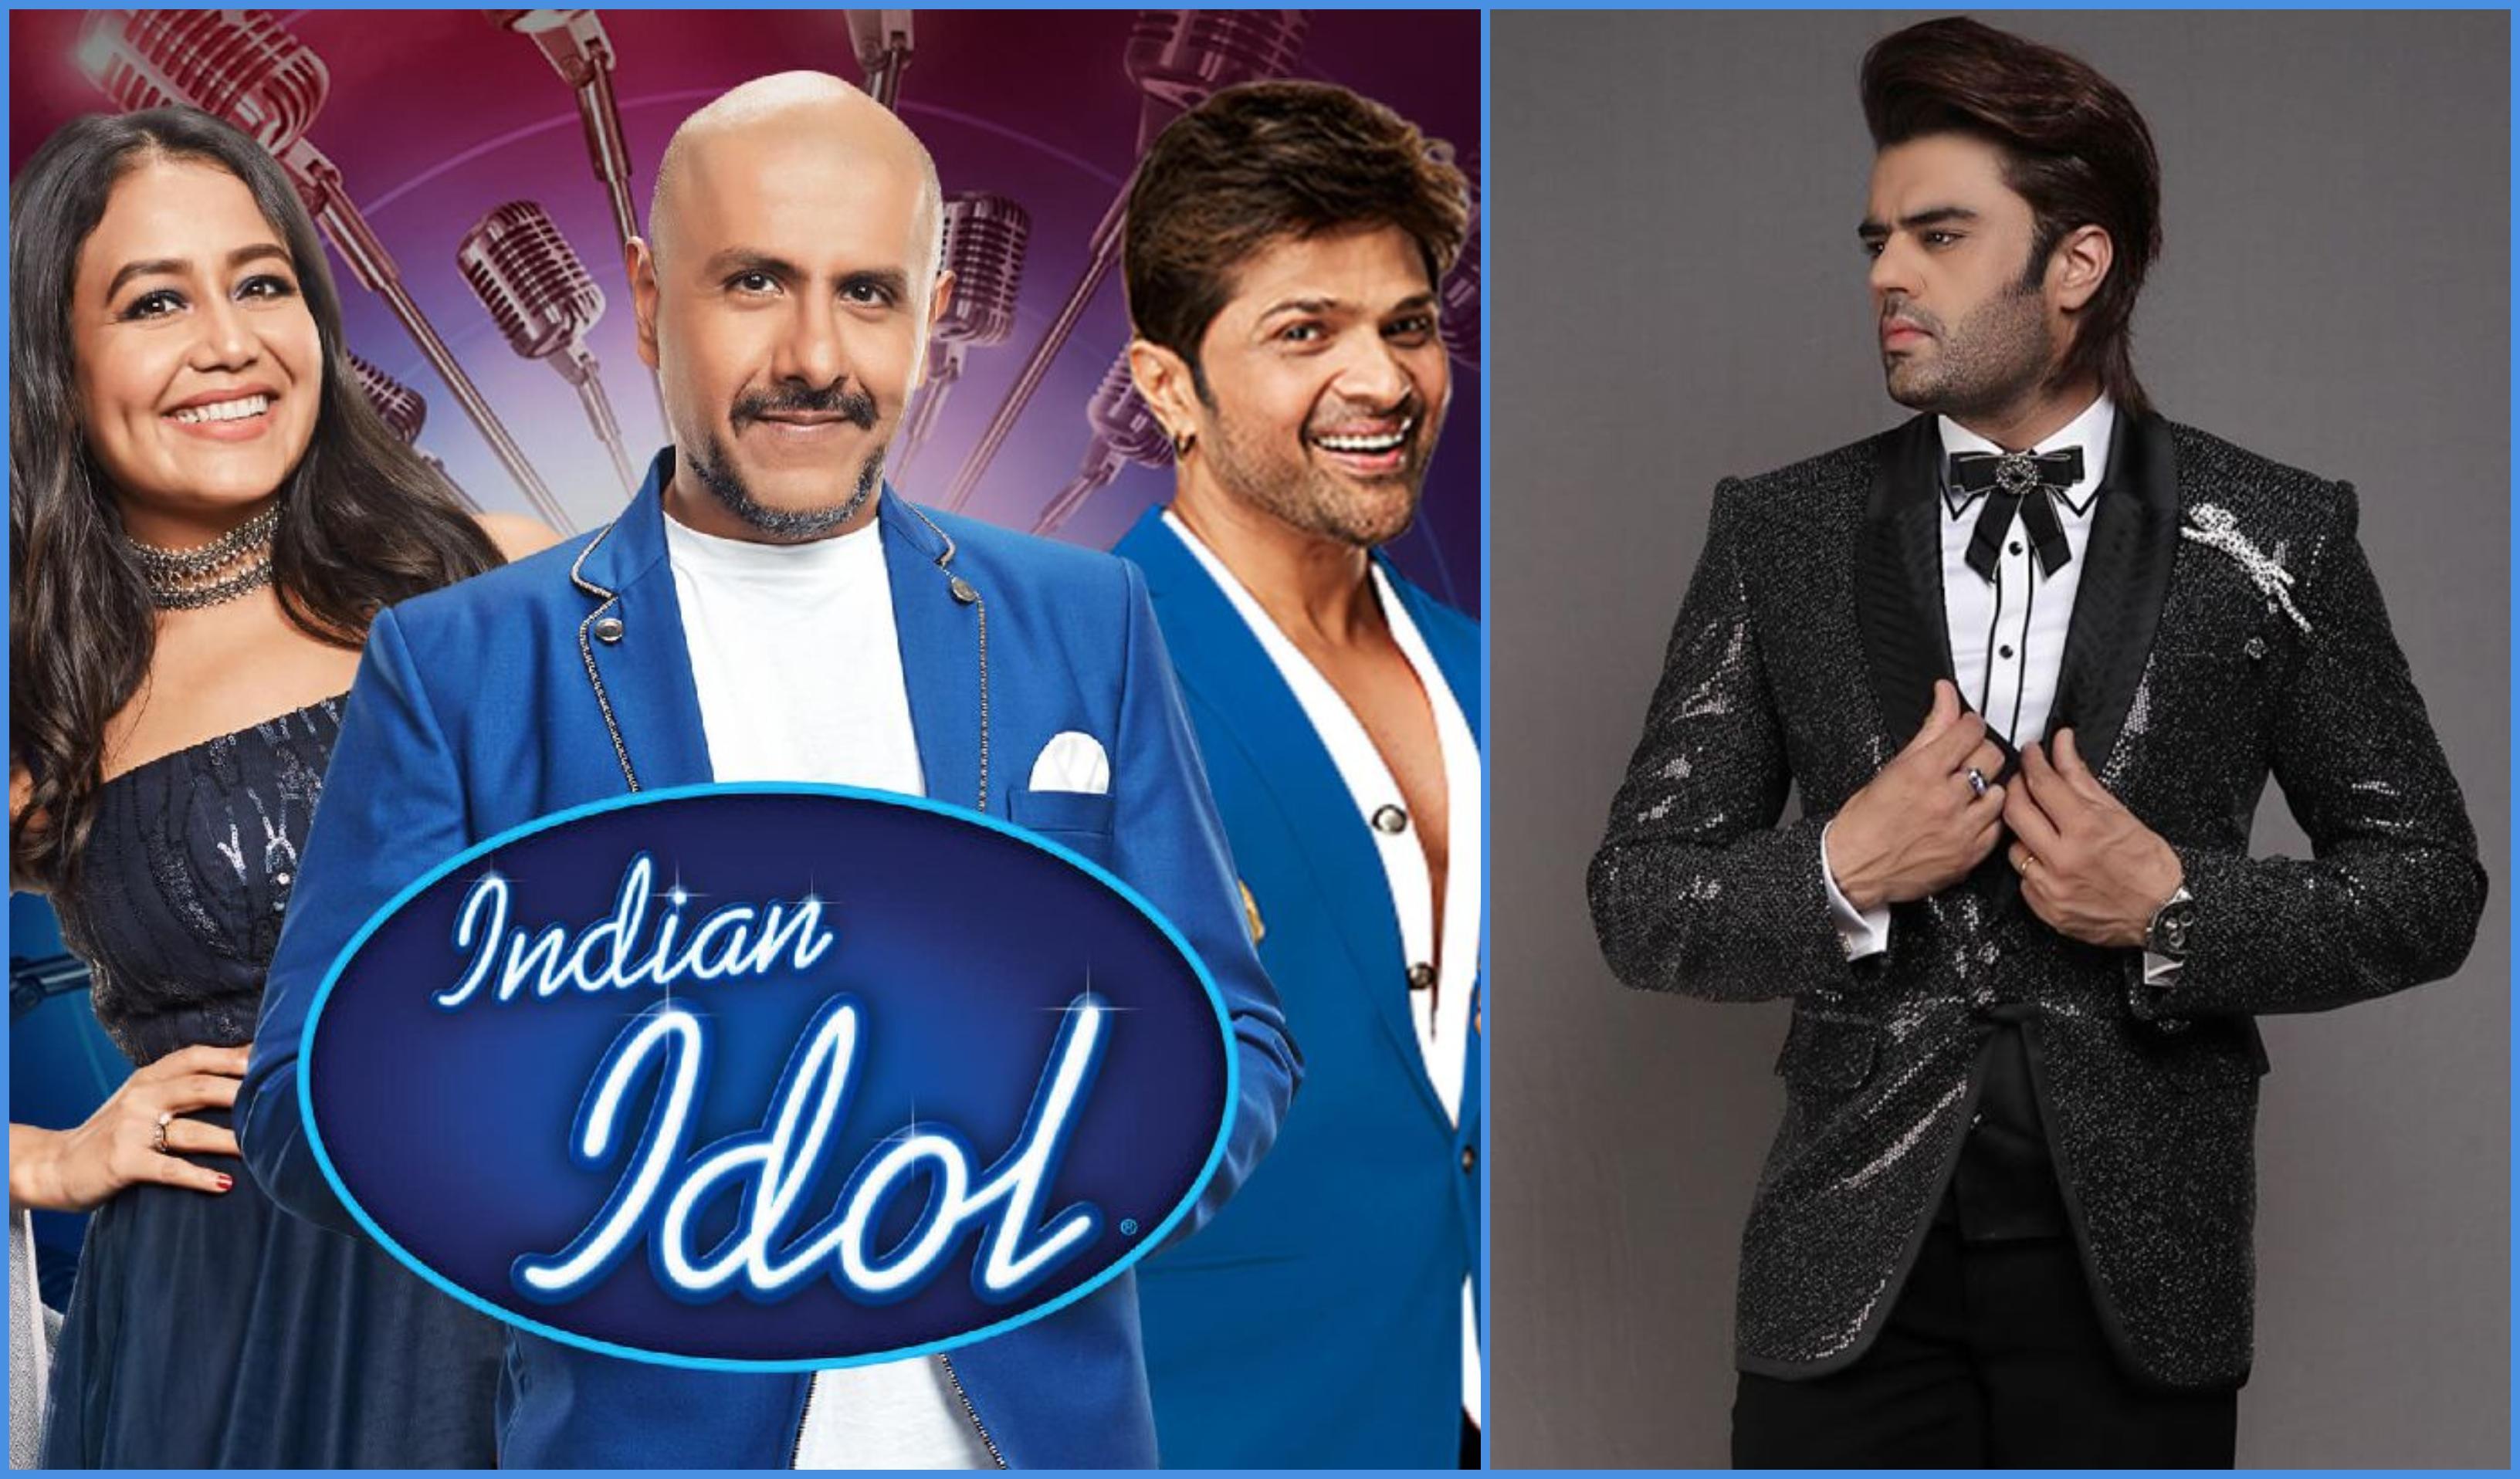 Indian Idol 11: Maniesh Paul To Return In Himesh Reshammiya, Neha Kakkar & Vishal Dadlani's Show!